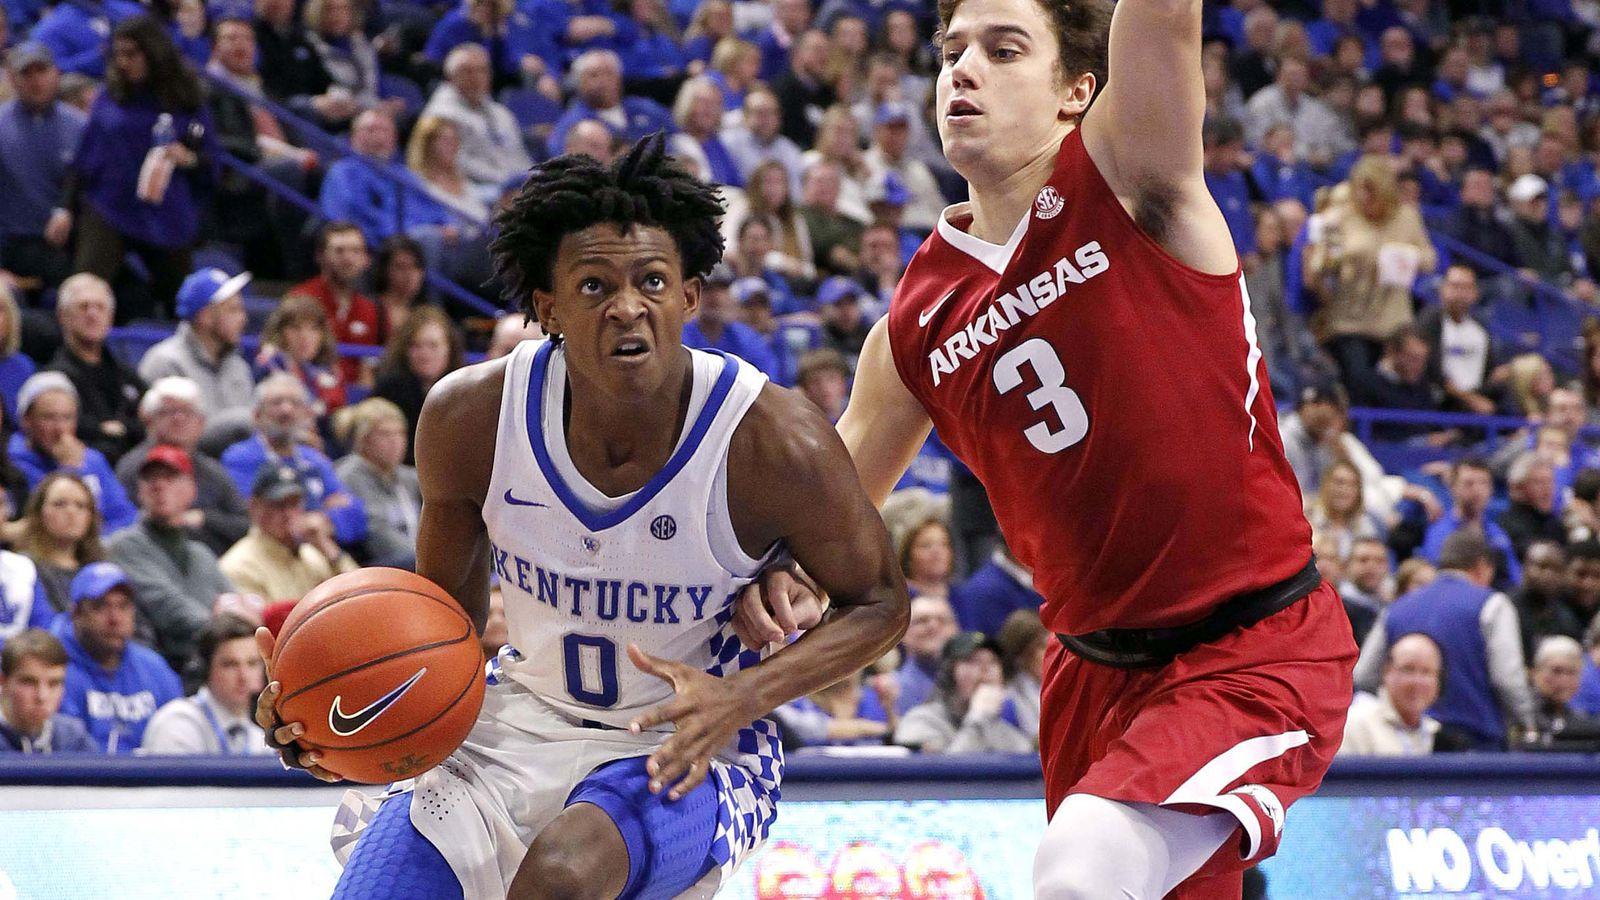 Uk Basketball: Kentucky Basketball Vs Arkansas Razorbacks: Game Time, TV